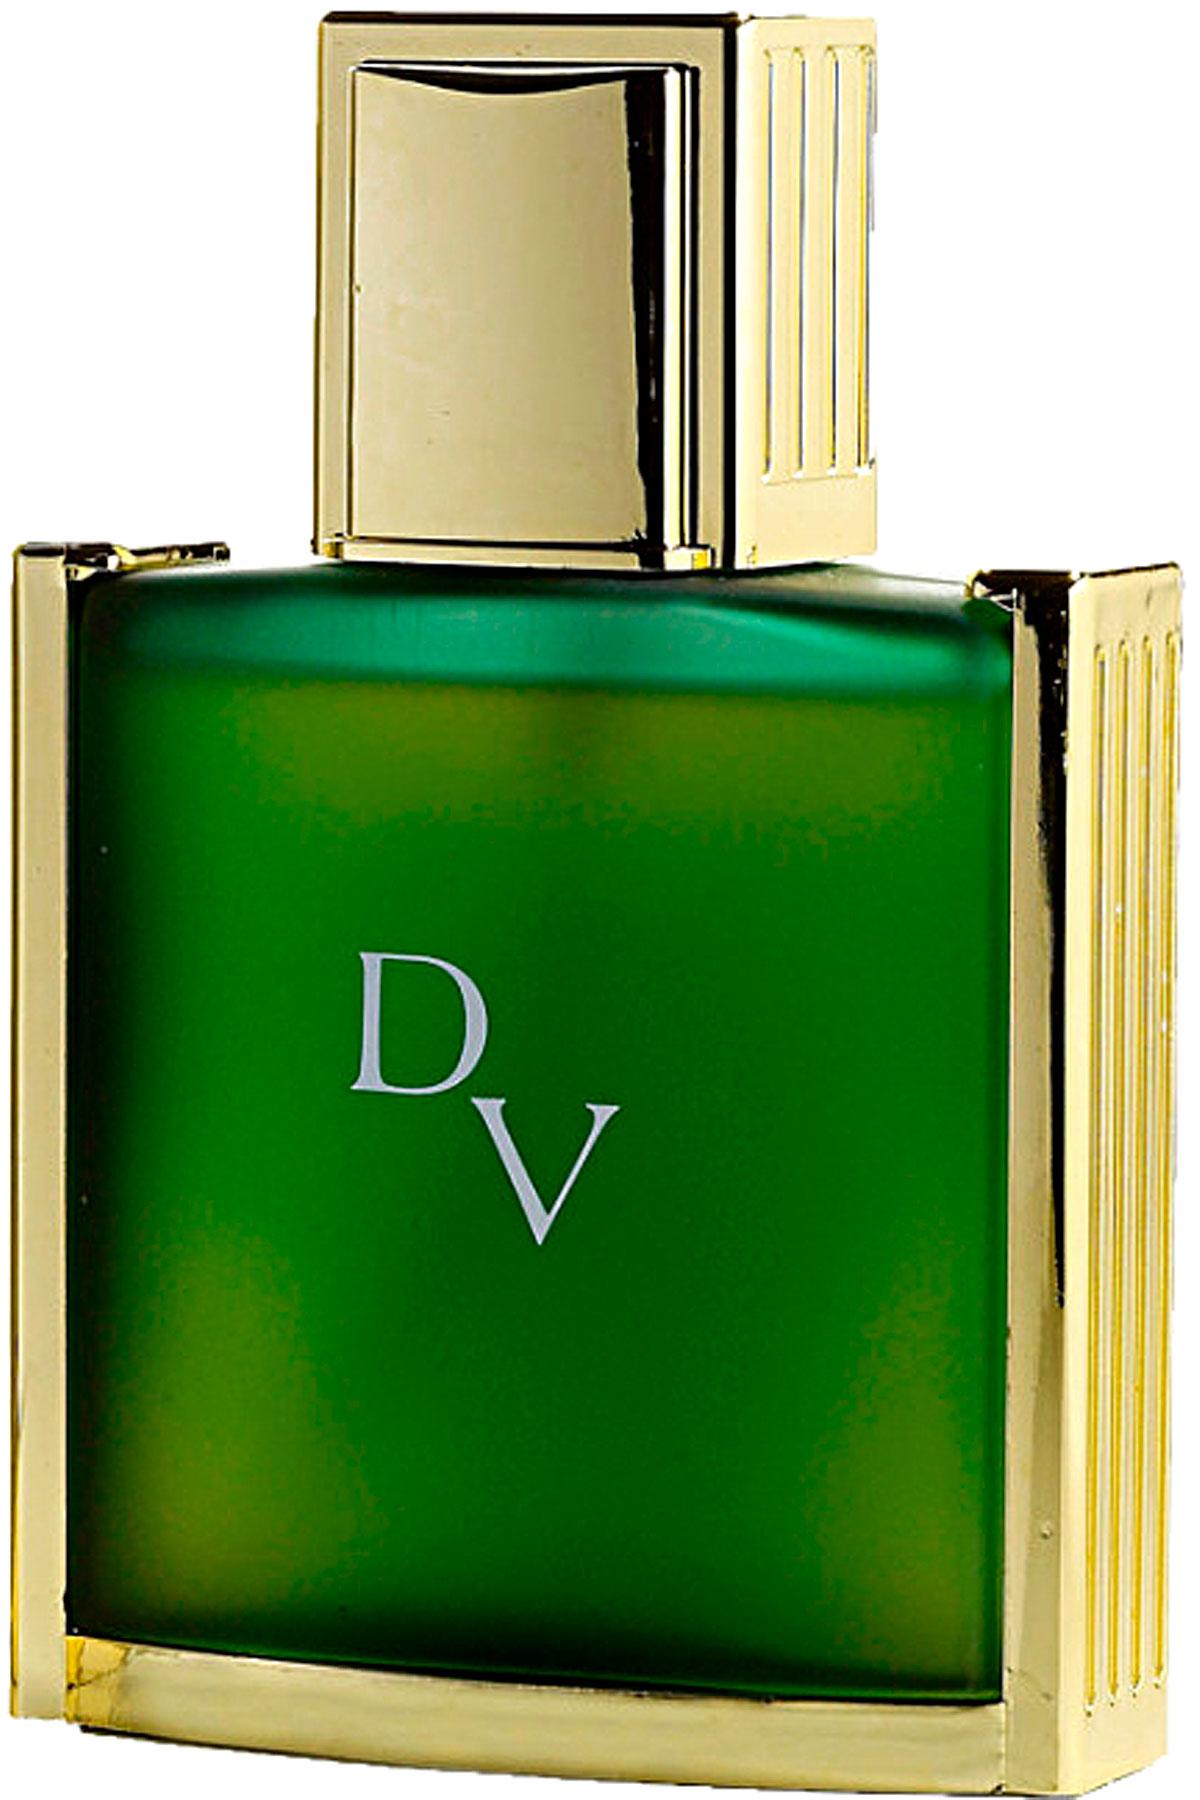 Houbigant Paris Fragrances for Men, Duc De Vervins Extreme - Eau De Parfum - 120 Ml, 2019, 120 ml